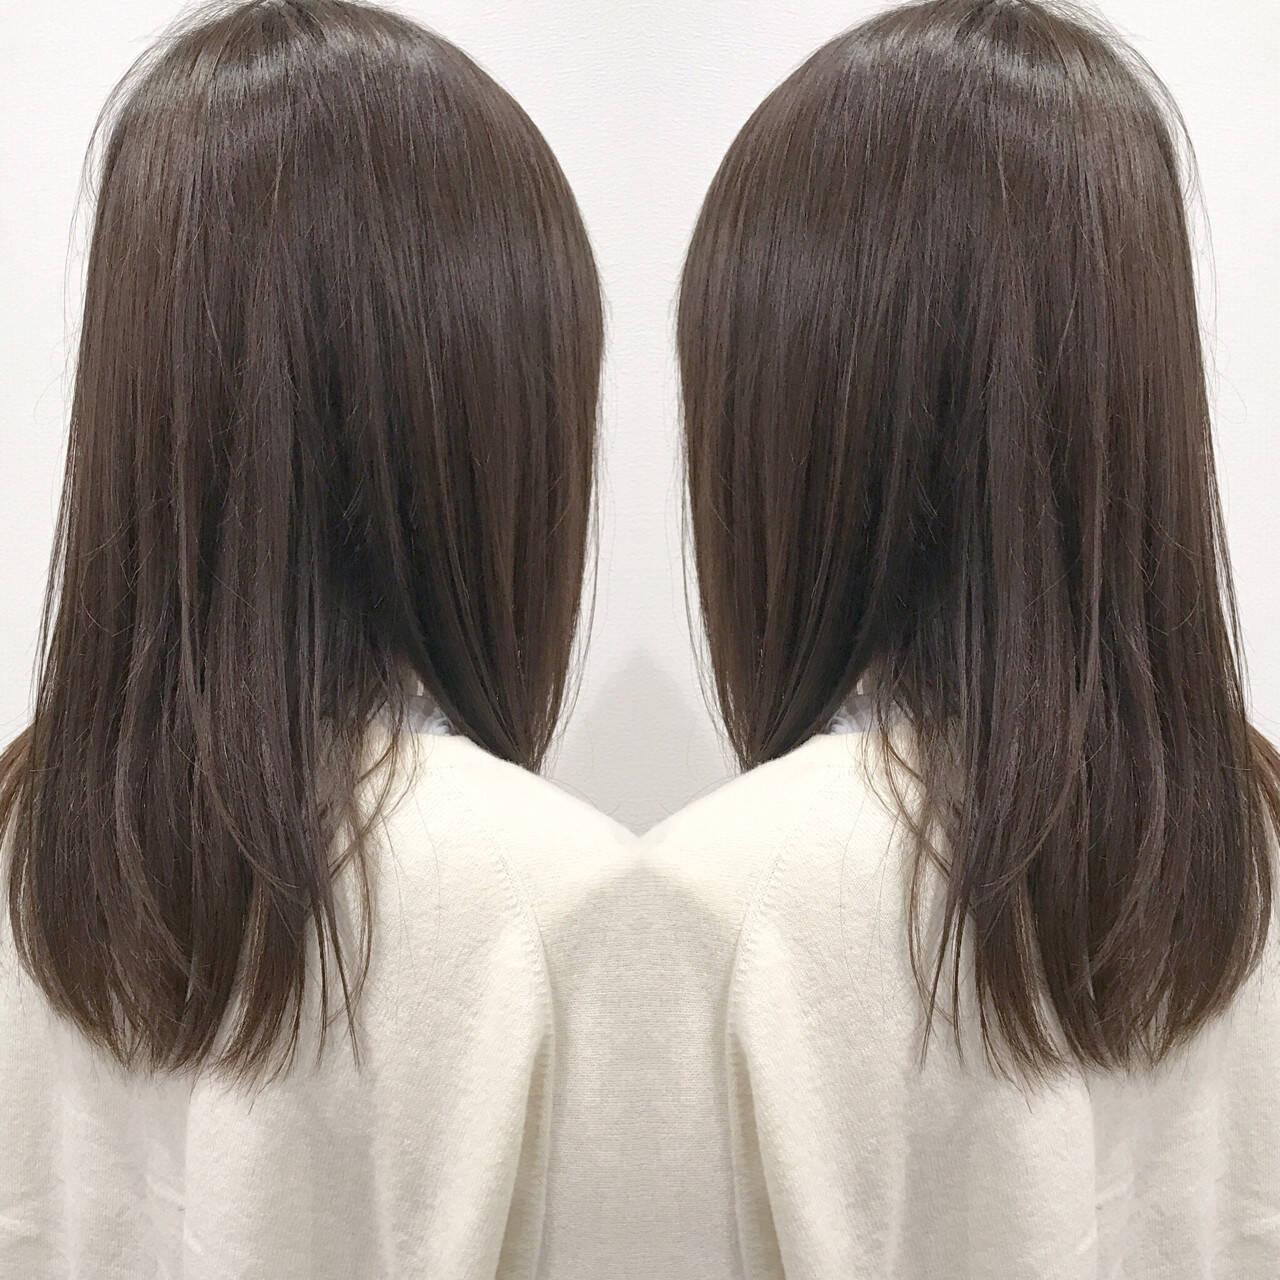 ナチュラル ストレート 暗髪 セミロングヘアスタイルや髪型の写真・画像